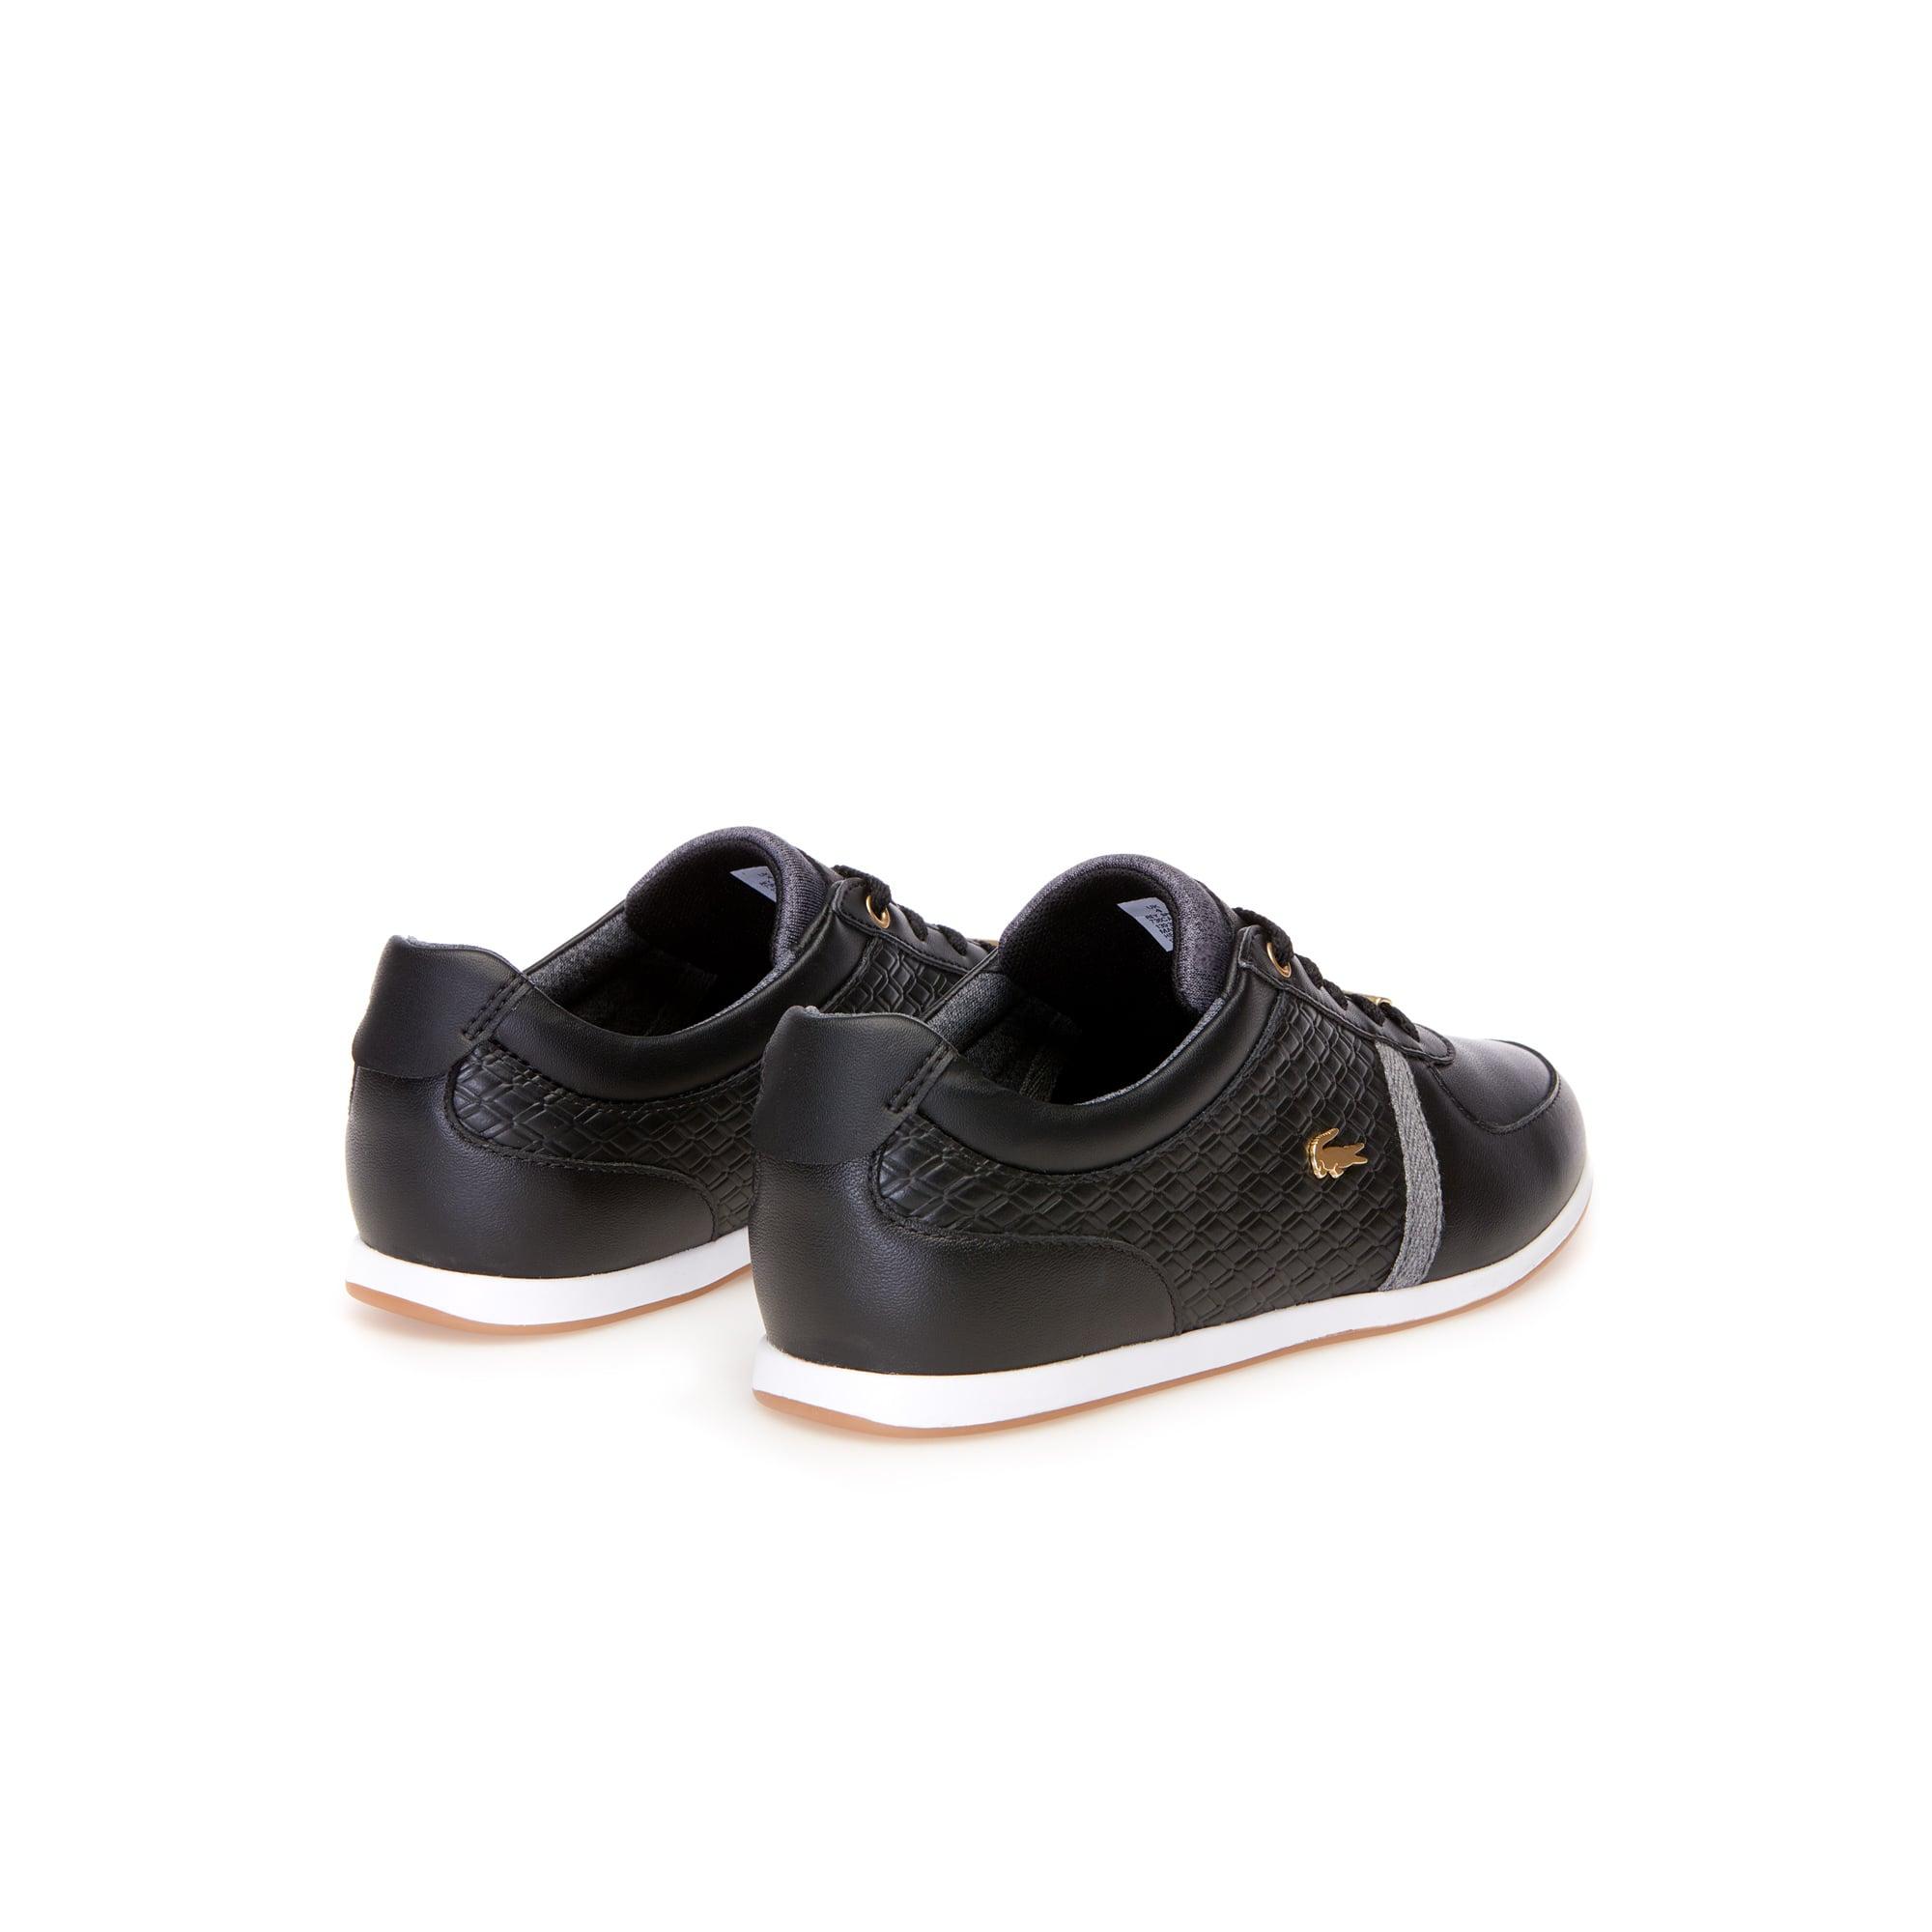 REY SPORT CAW Zapatillas black/dark grey TORNEO Zapatillas white ...